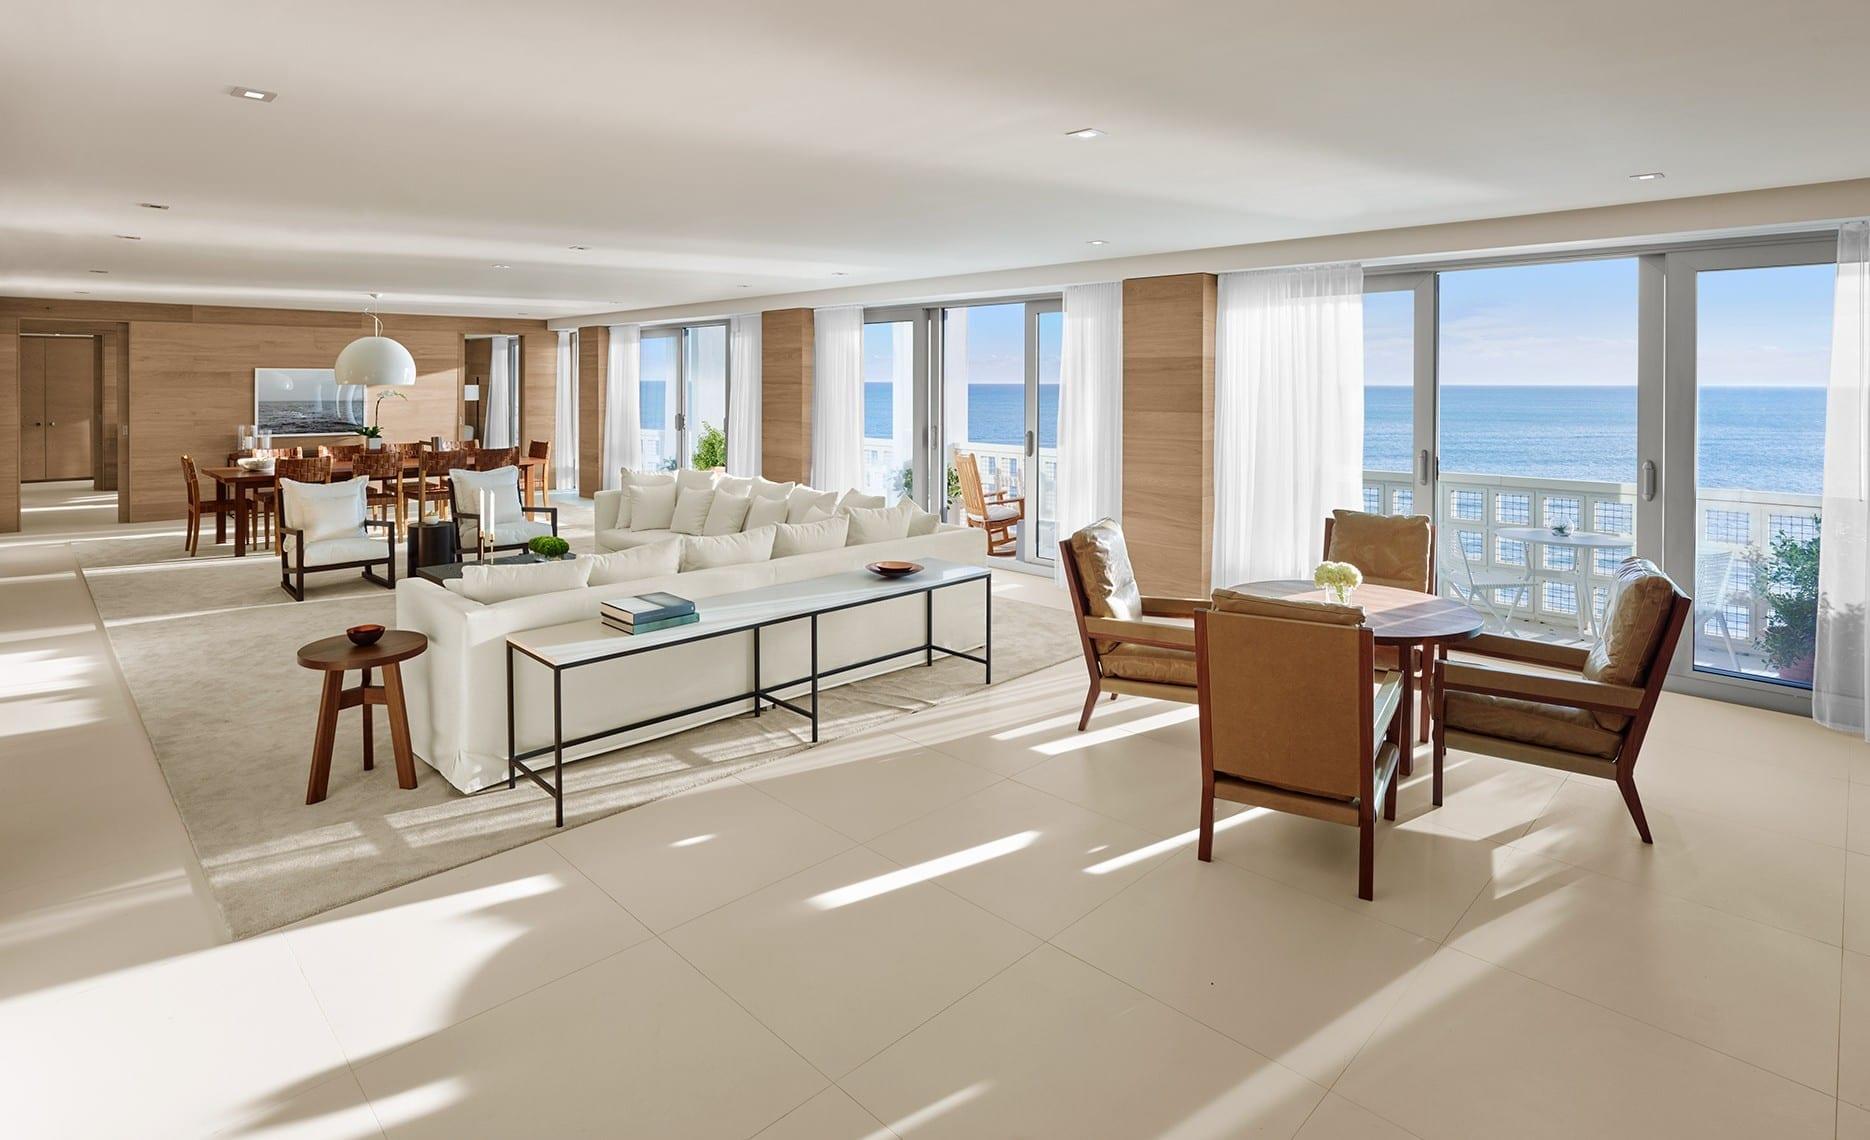 The Miami Beach Edition Miami Beach Penthouse Bungalow